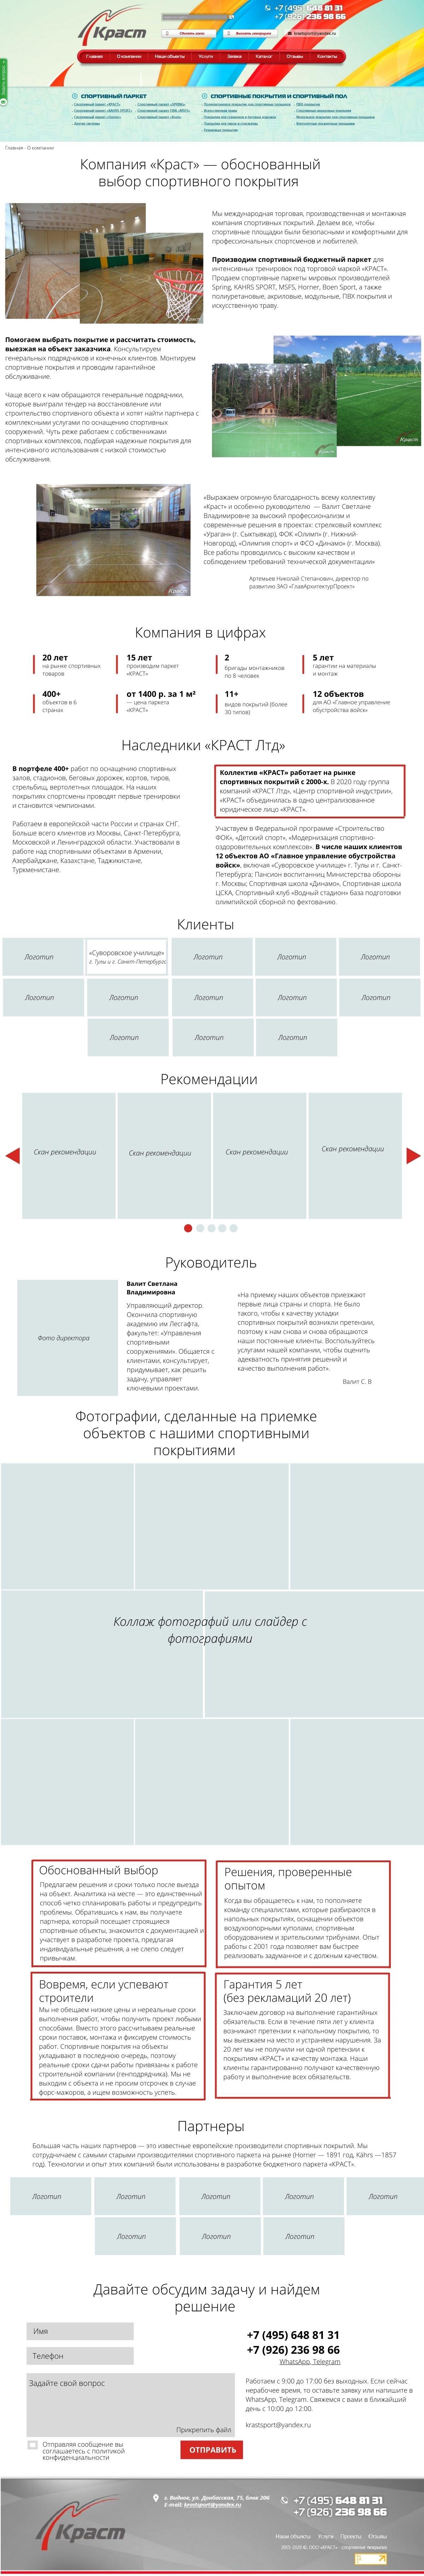 https://cool-texts.ru/wp-content/uploads/2021/06/%D0%9A%D0%A0%D0%90%D0%A1%D0%A2-3.jpg